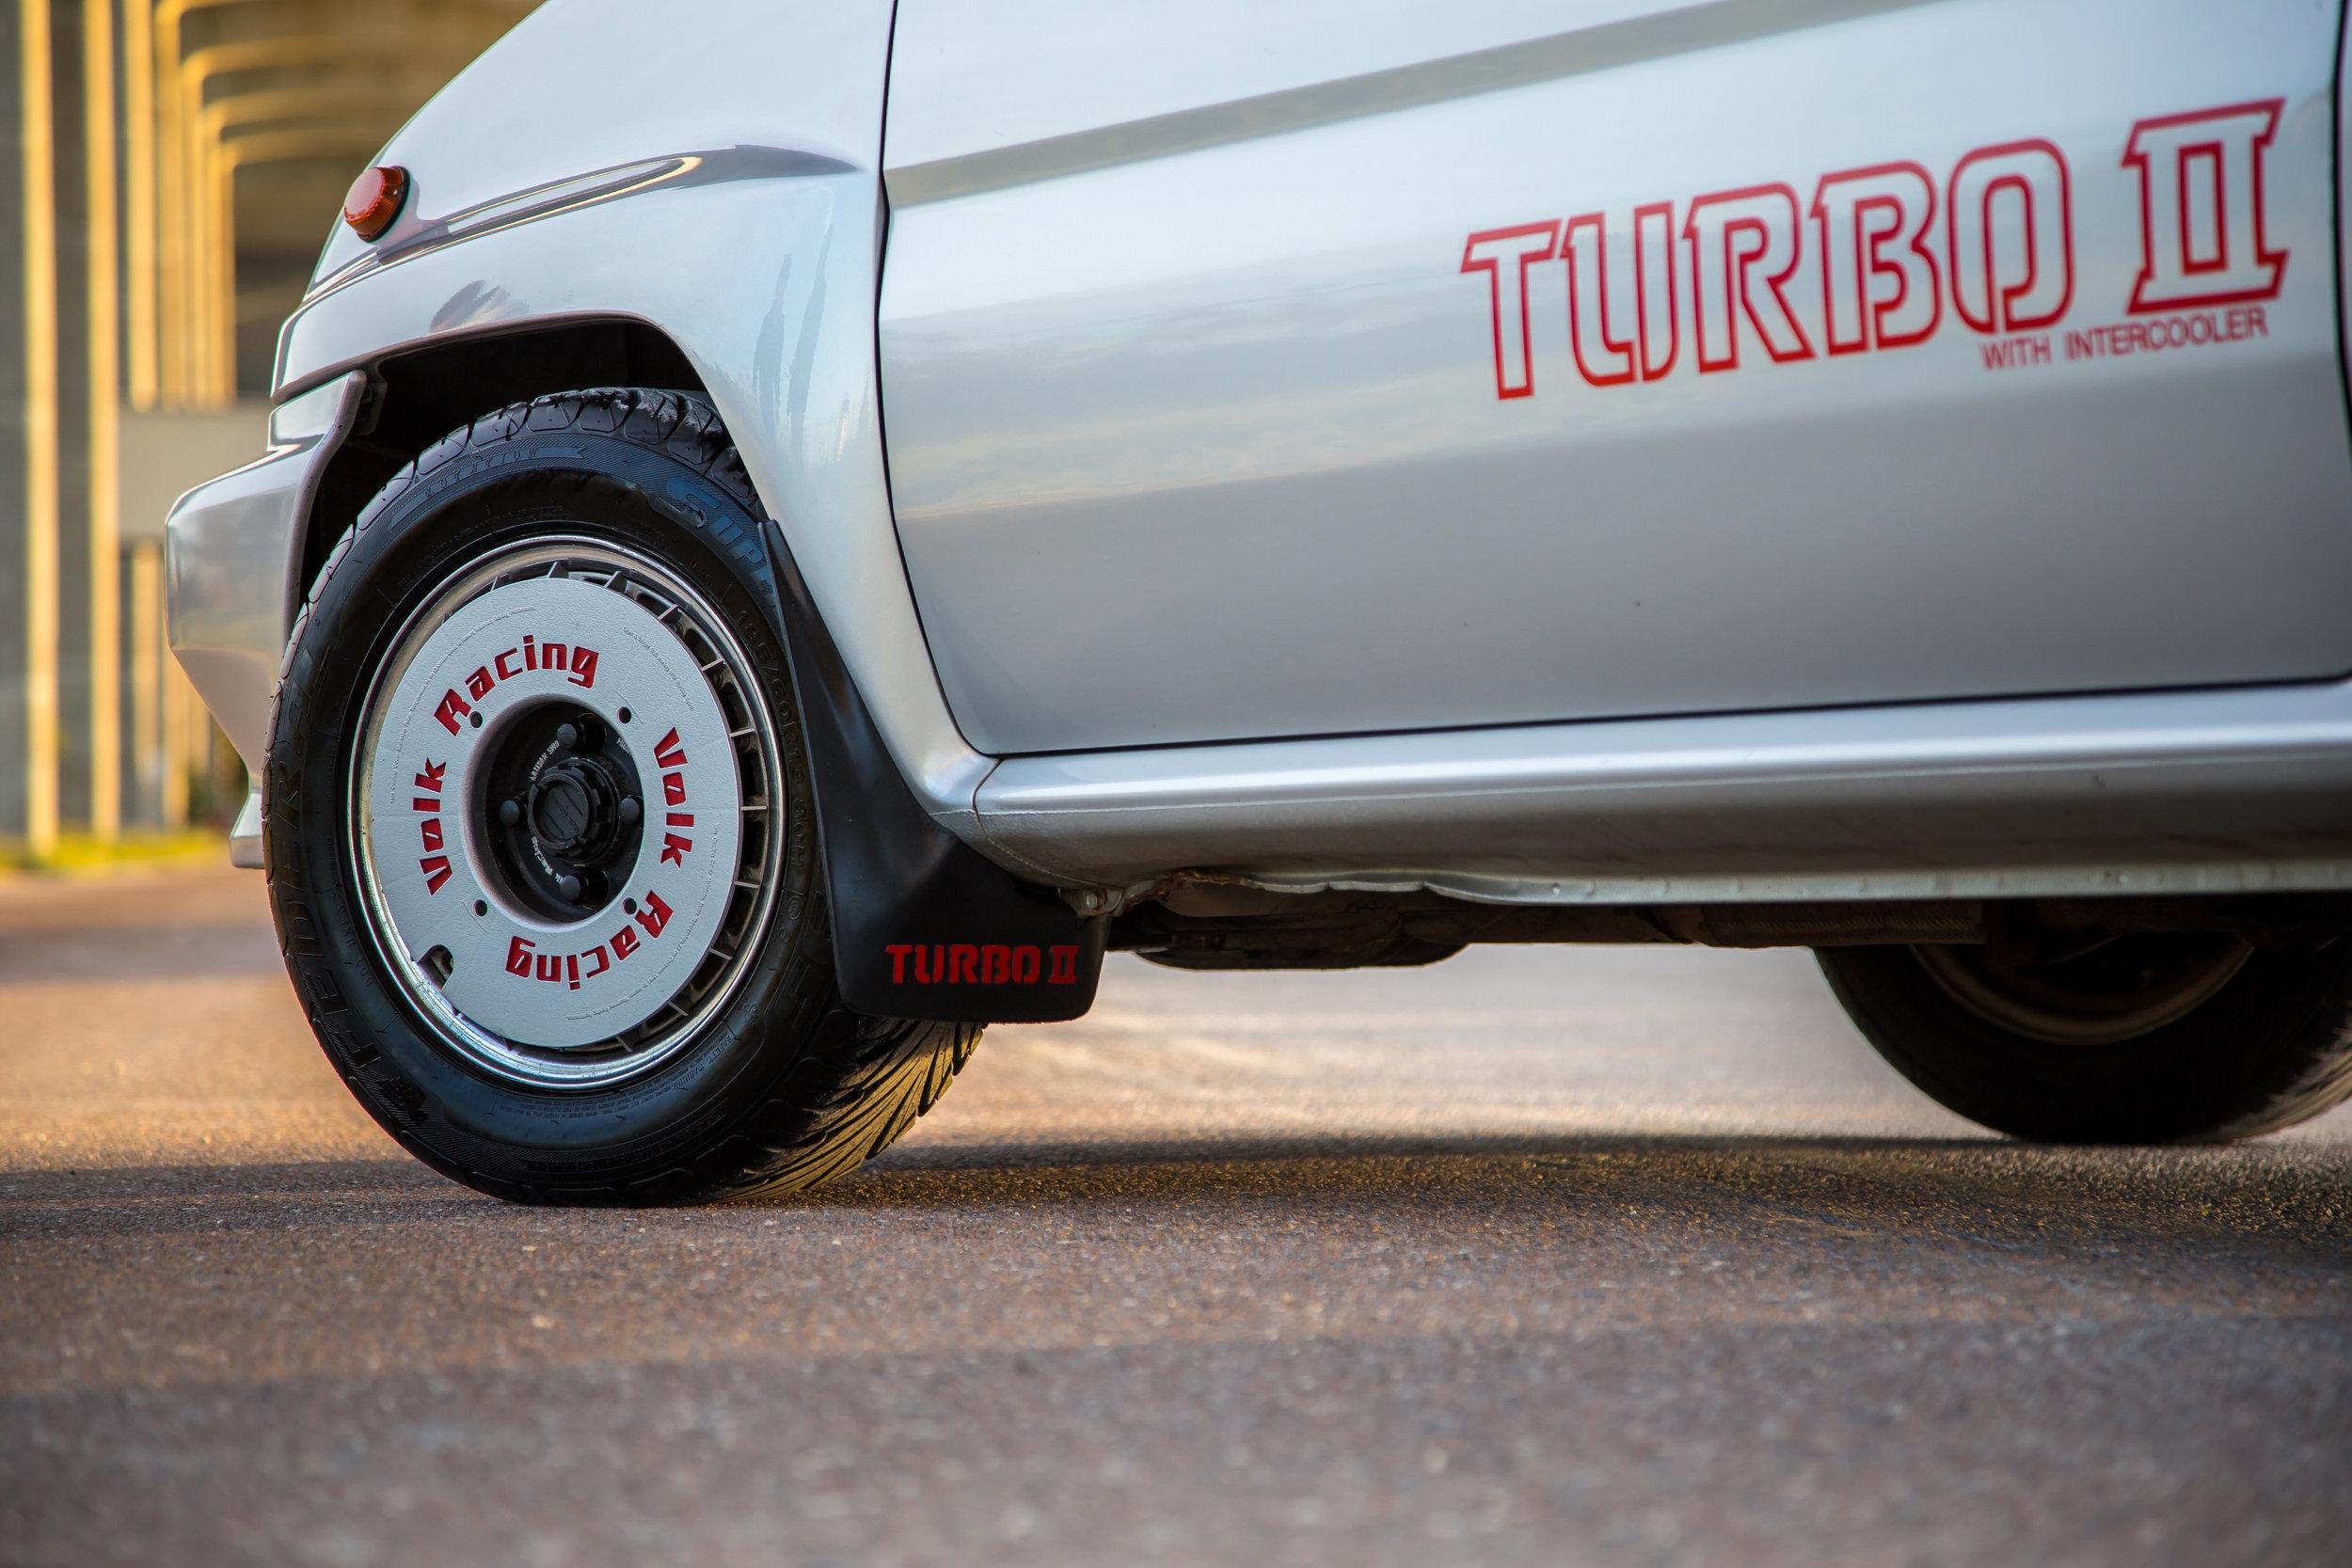 1983-honda-city-turbo-ii--motocompo_45471613205_o.jpg